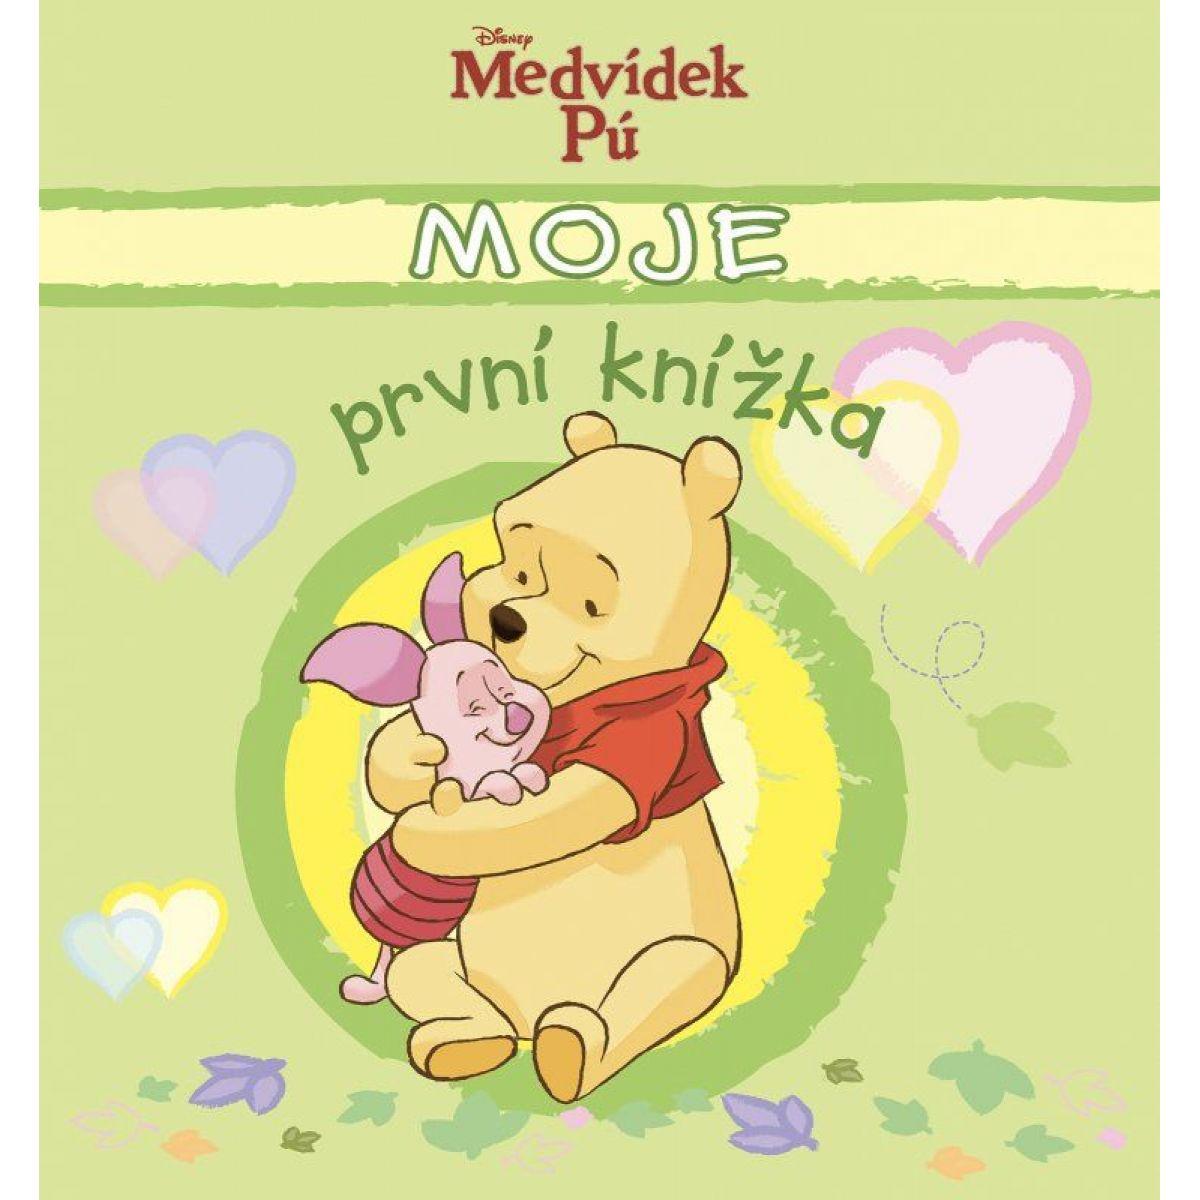 Medvídek Pú Moje první knížka kolektiv CZ